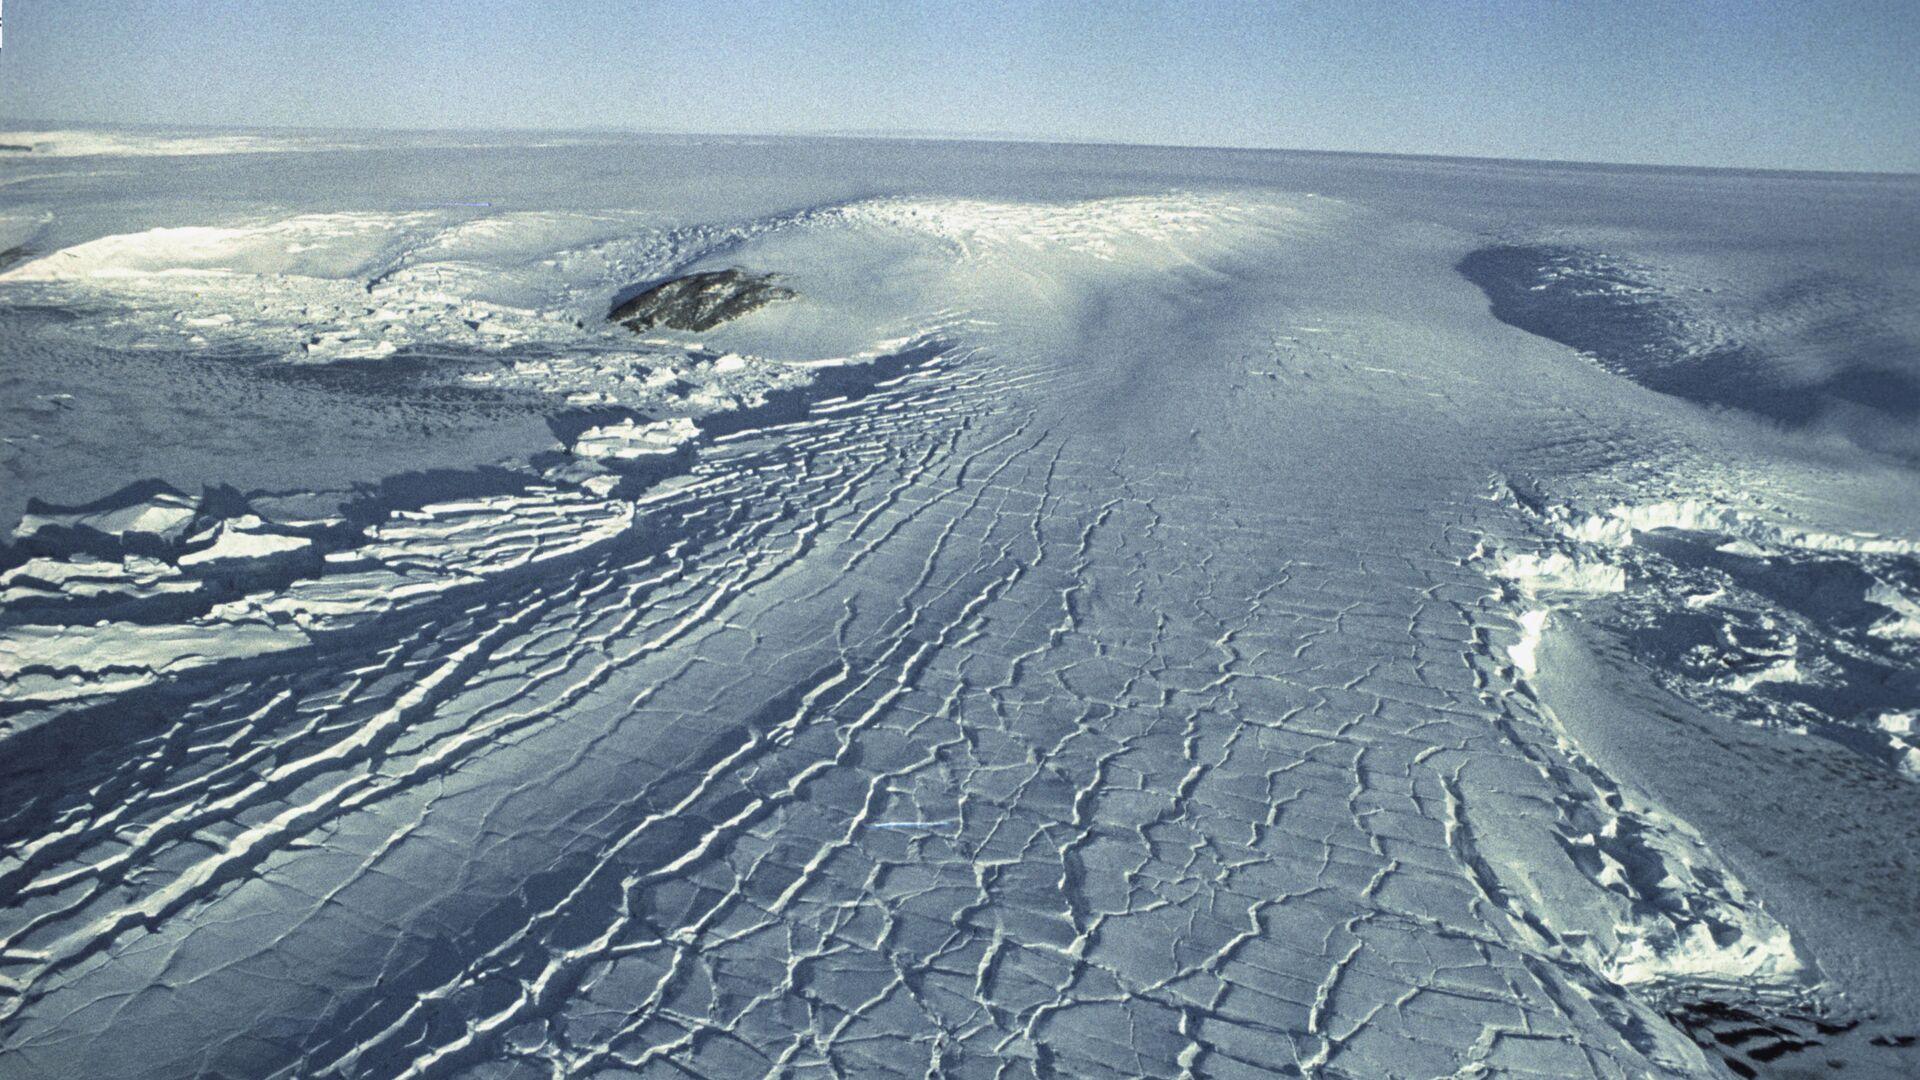 Kopuła lodowa na Antarktydzie  - Sputnik Polska, 1920, 03.04.2021